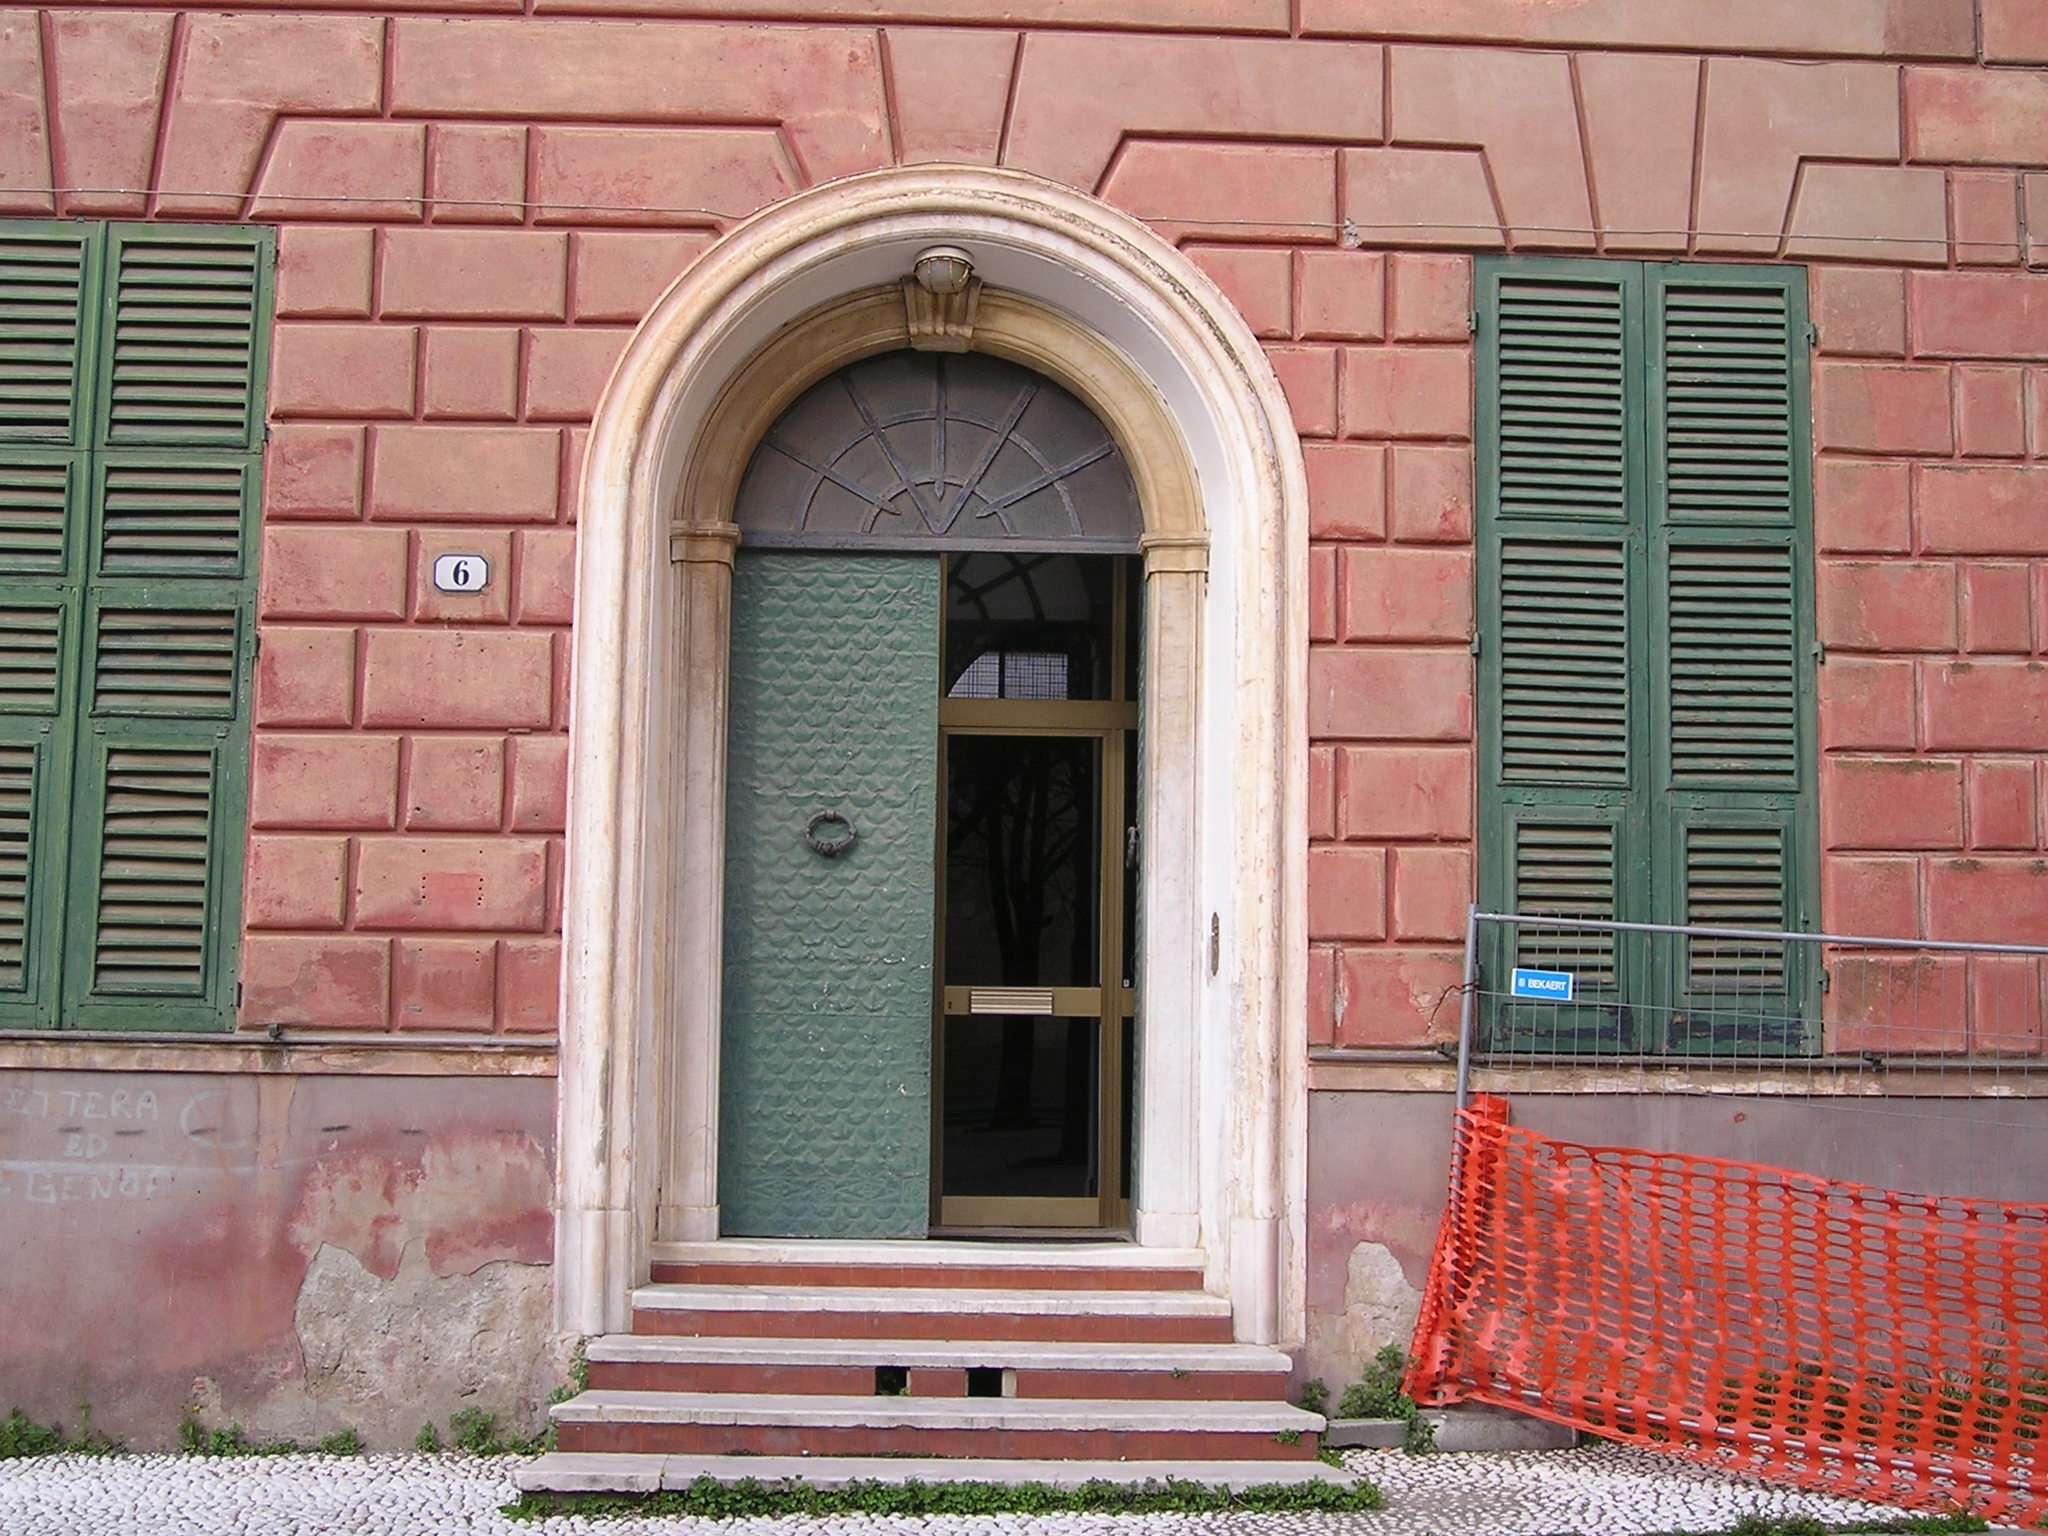 Immobile Commerciale in vendita a Savona, 9999 locali, Trattative riservate | CambioCasa.it